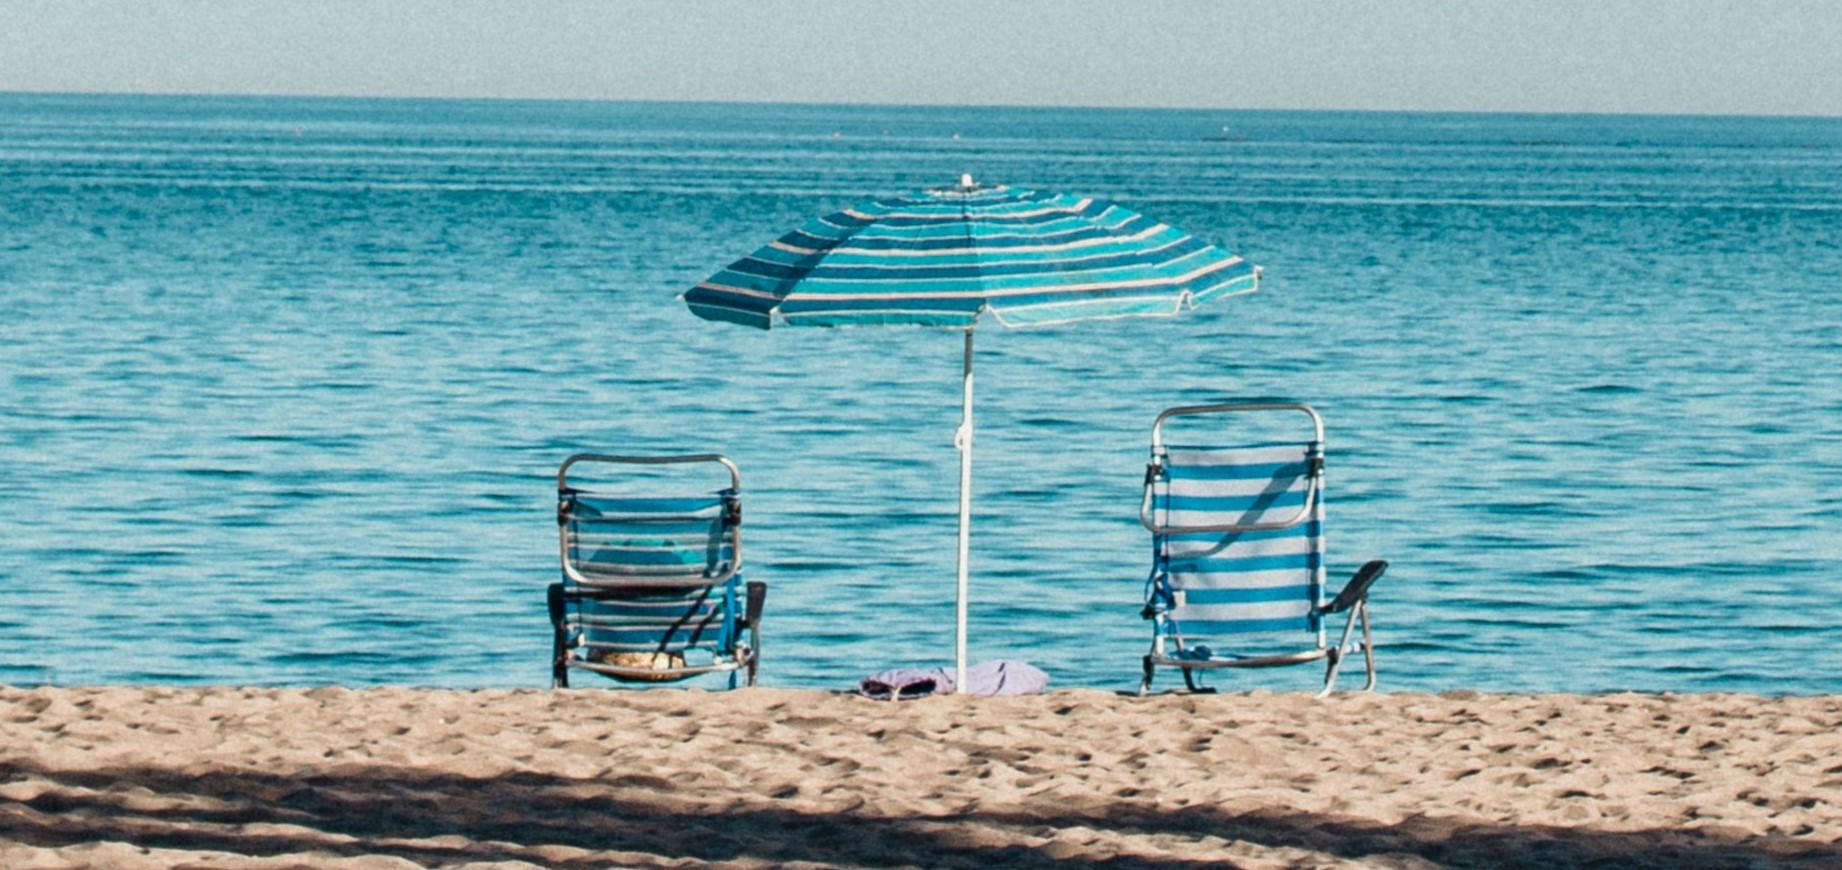 Rama jep lajmin e mirë për plazhet, ja si do të veprohet këtë vit